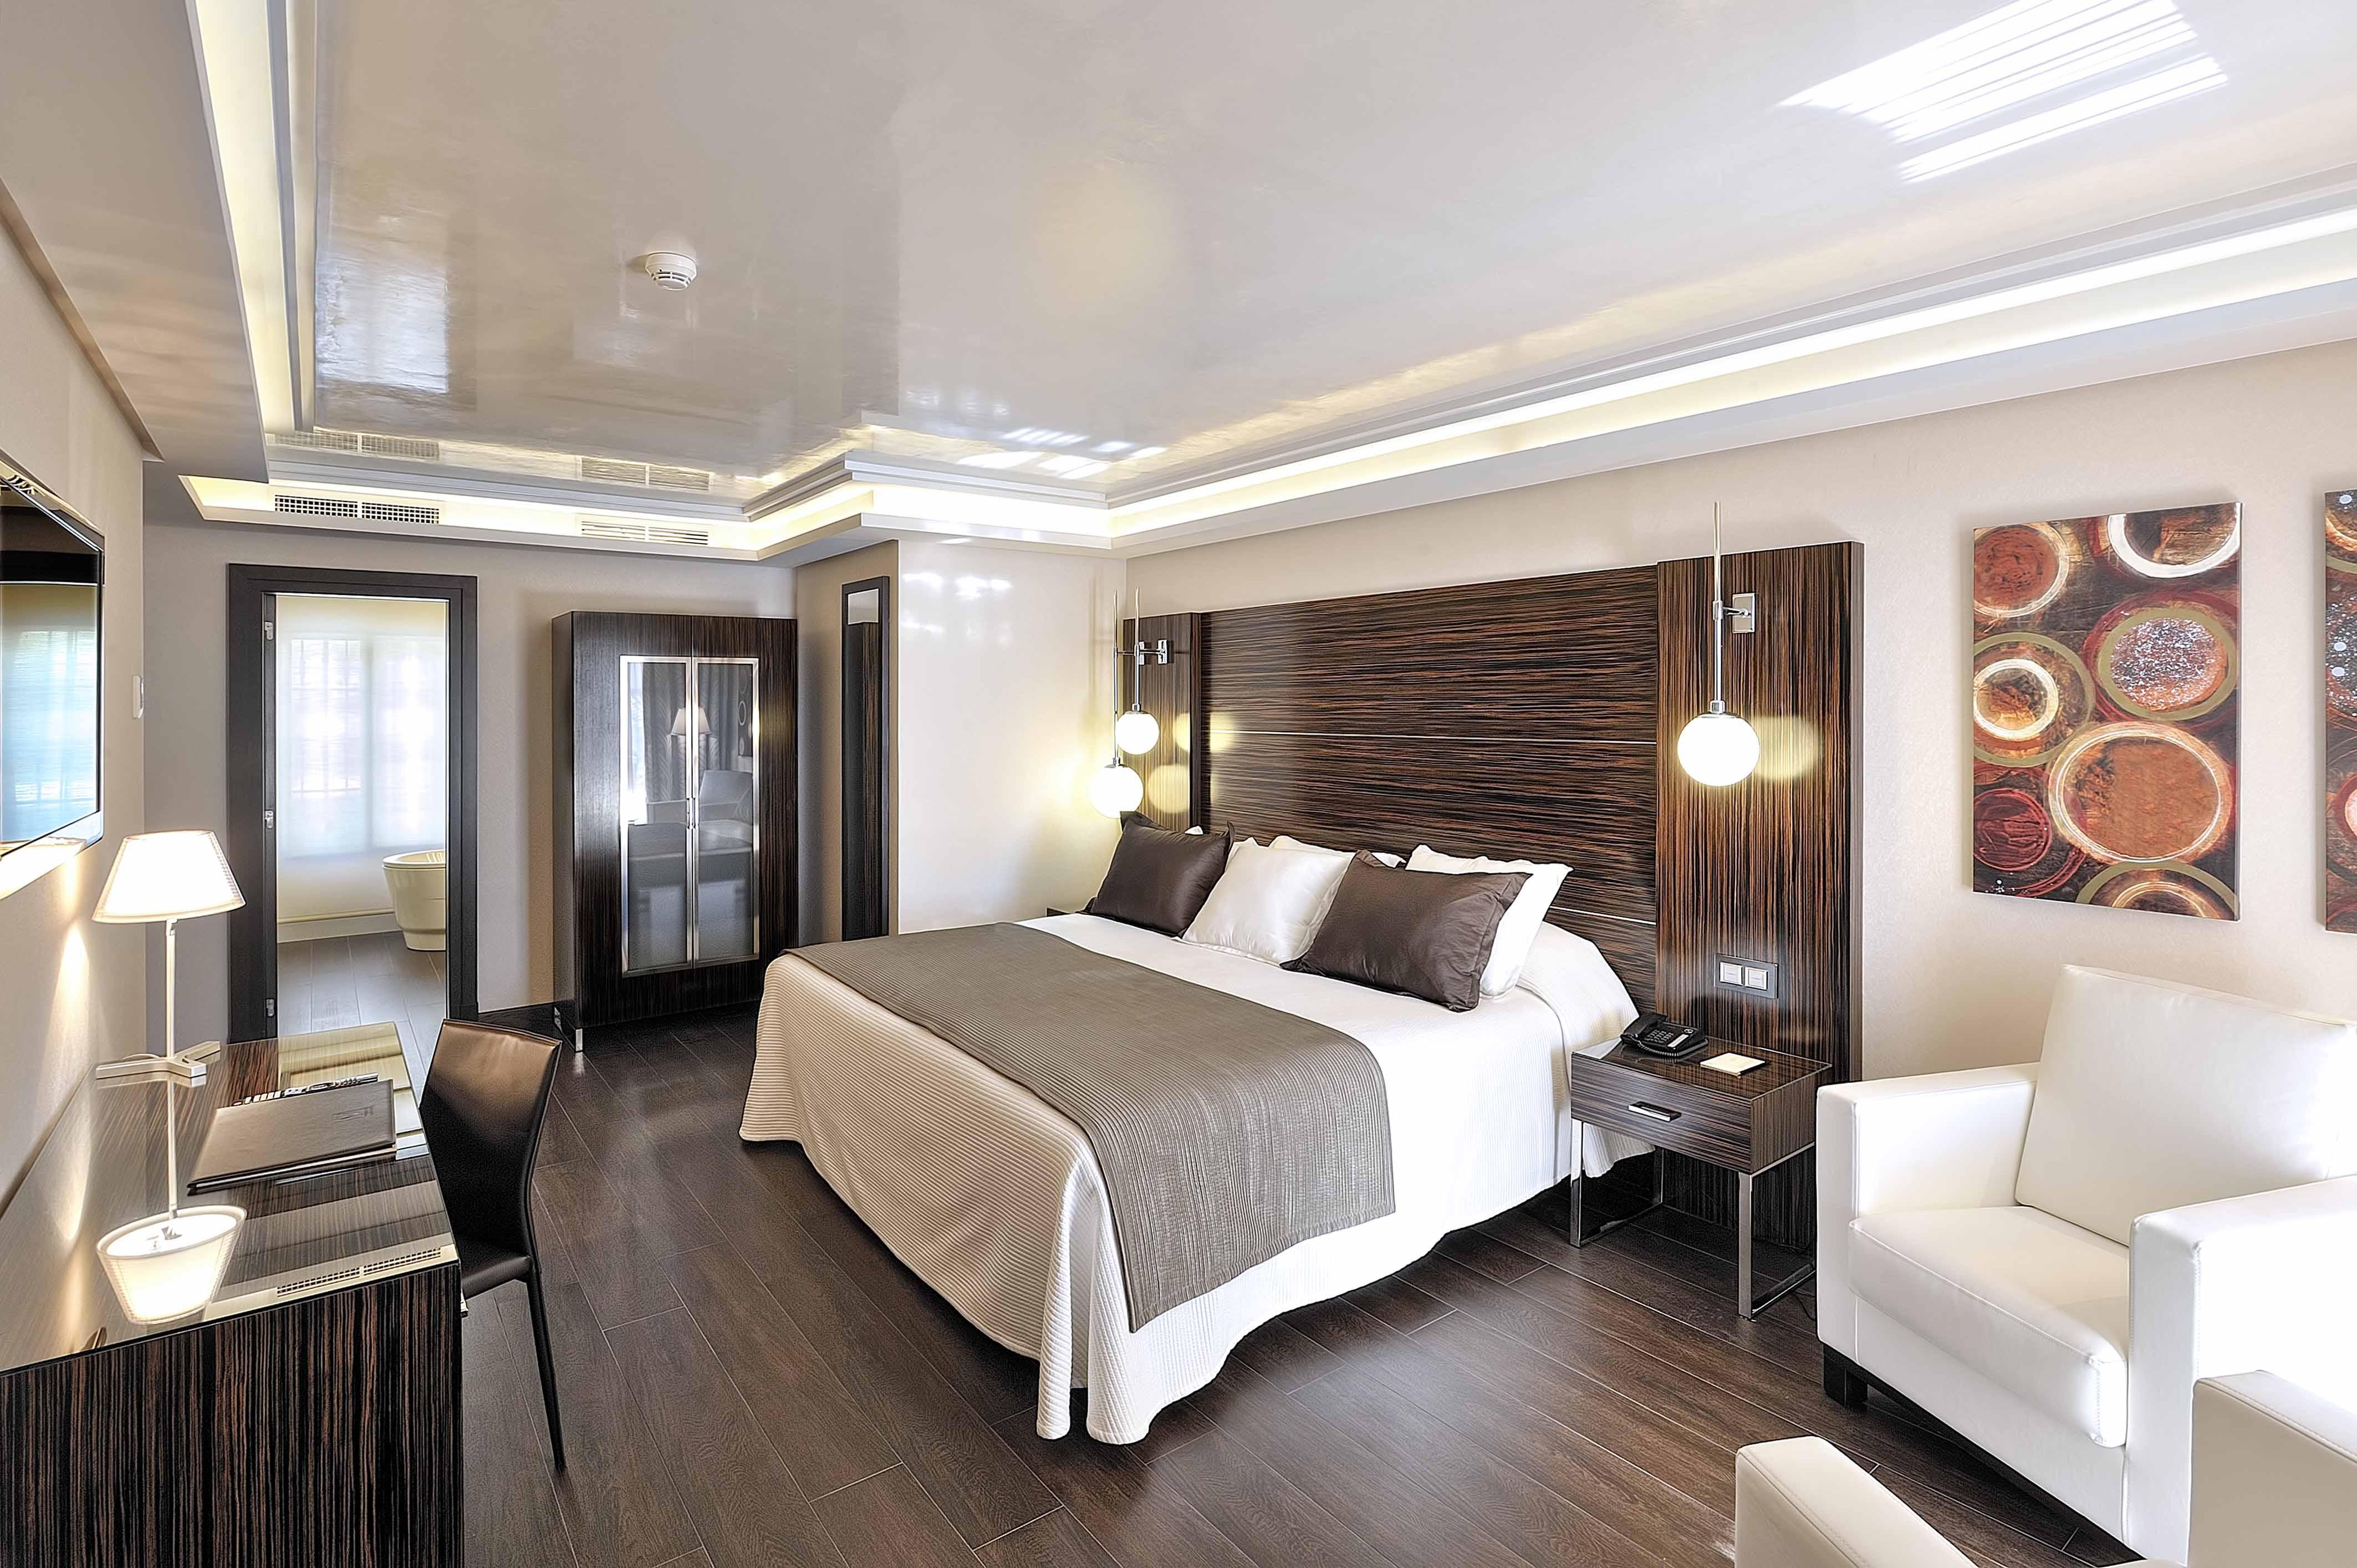 Los habitaciones y los precios anciano pero contento for Precio habitacion hotel